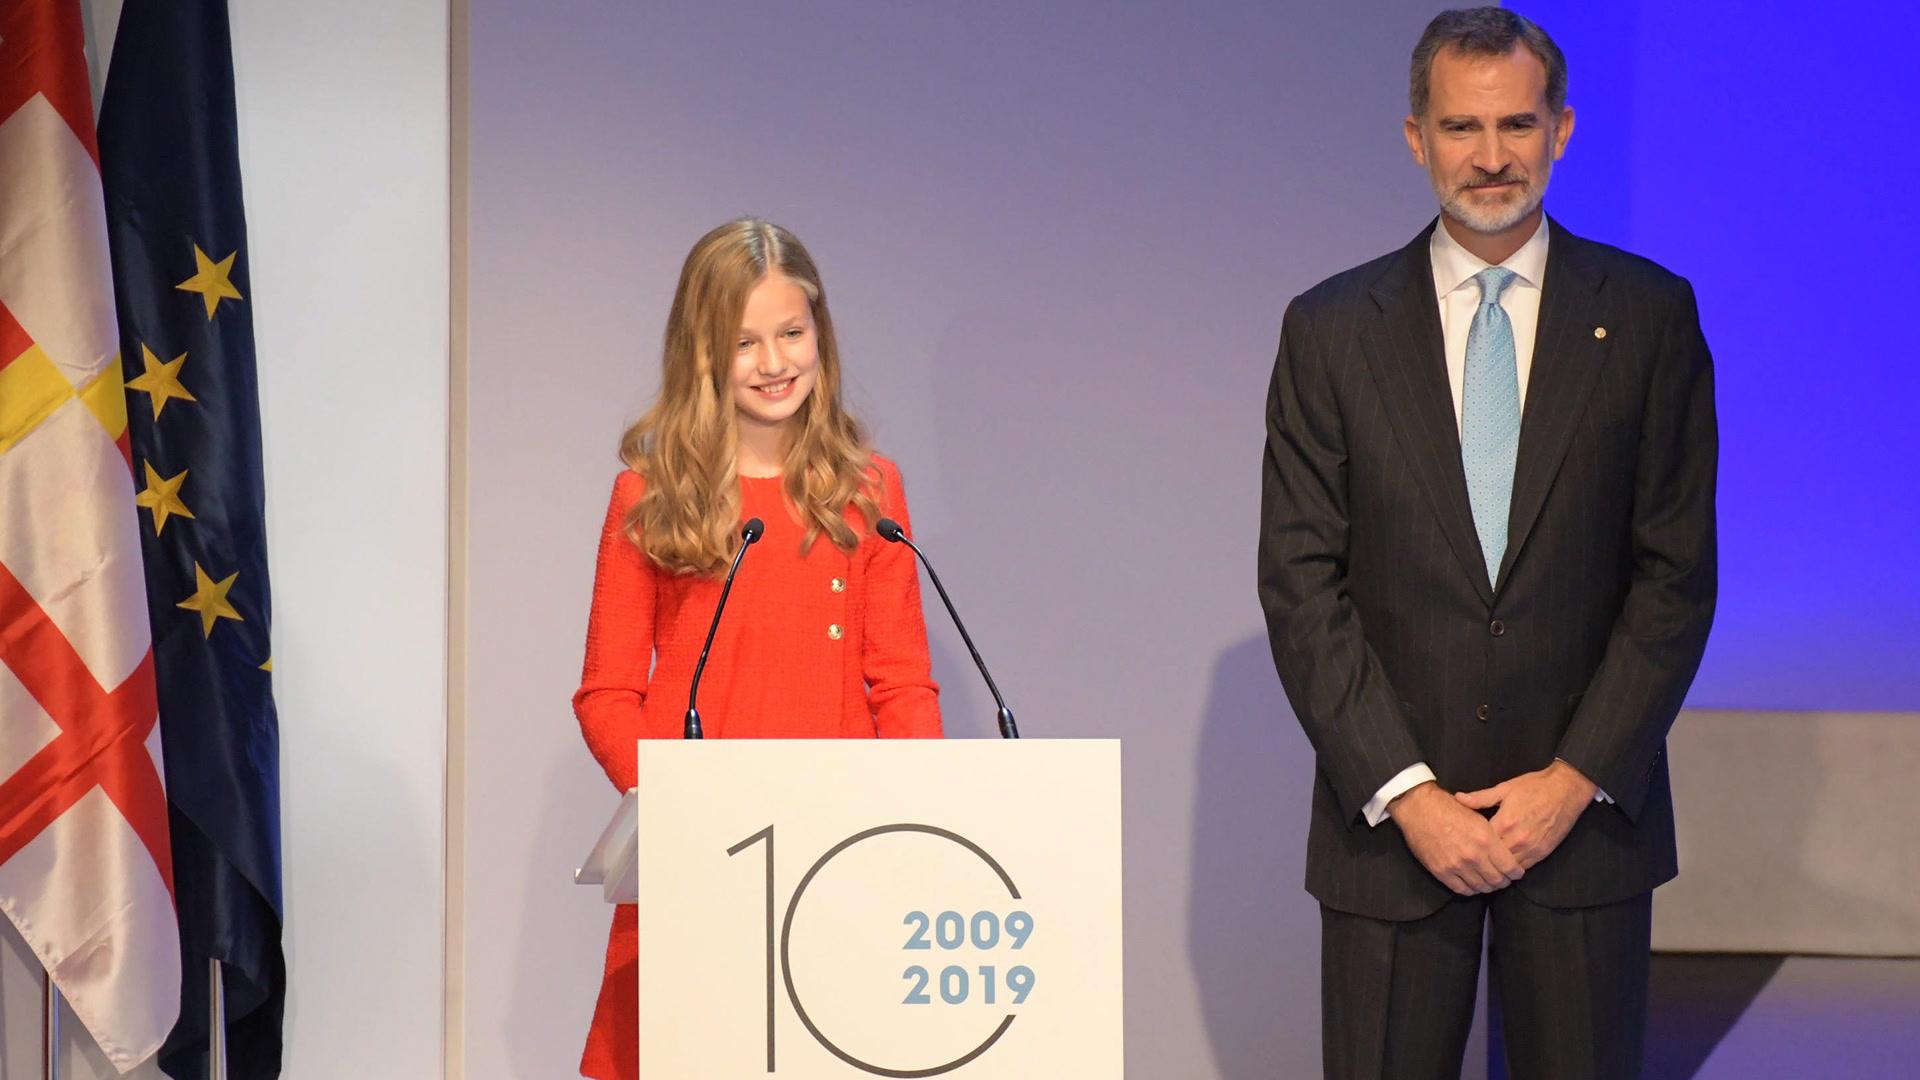 Discurso en Cataluña de la princesa Leonor, ¡en cuatro idiomas!